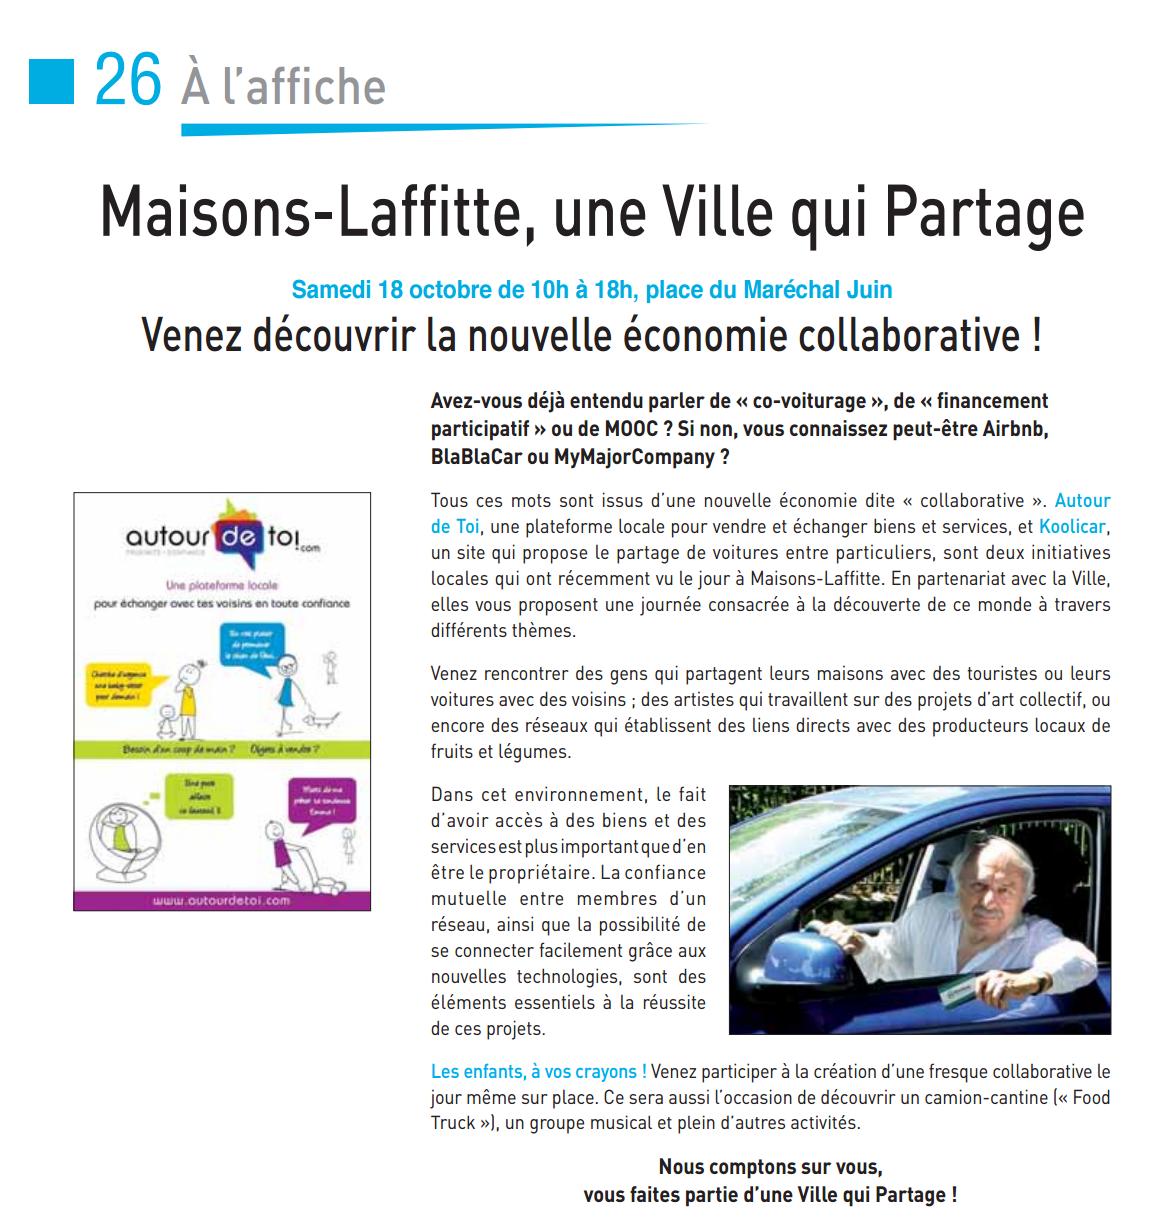 site de rencontre parisien avis sur les sites de rencontres gratuit